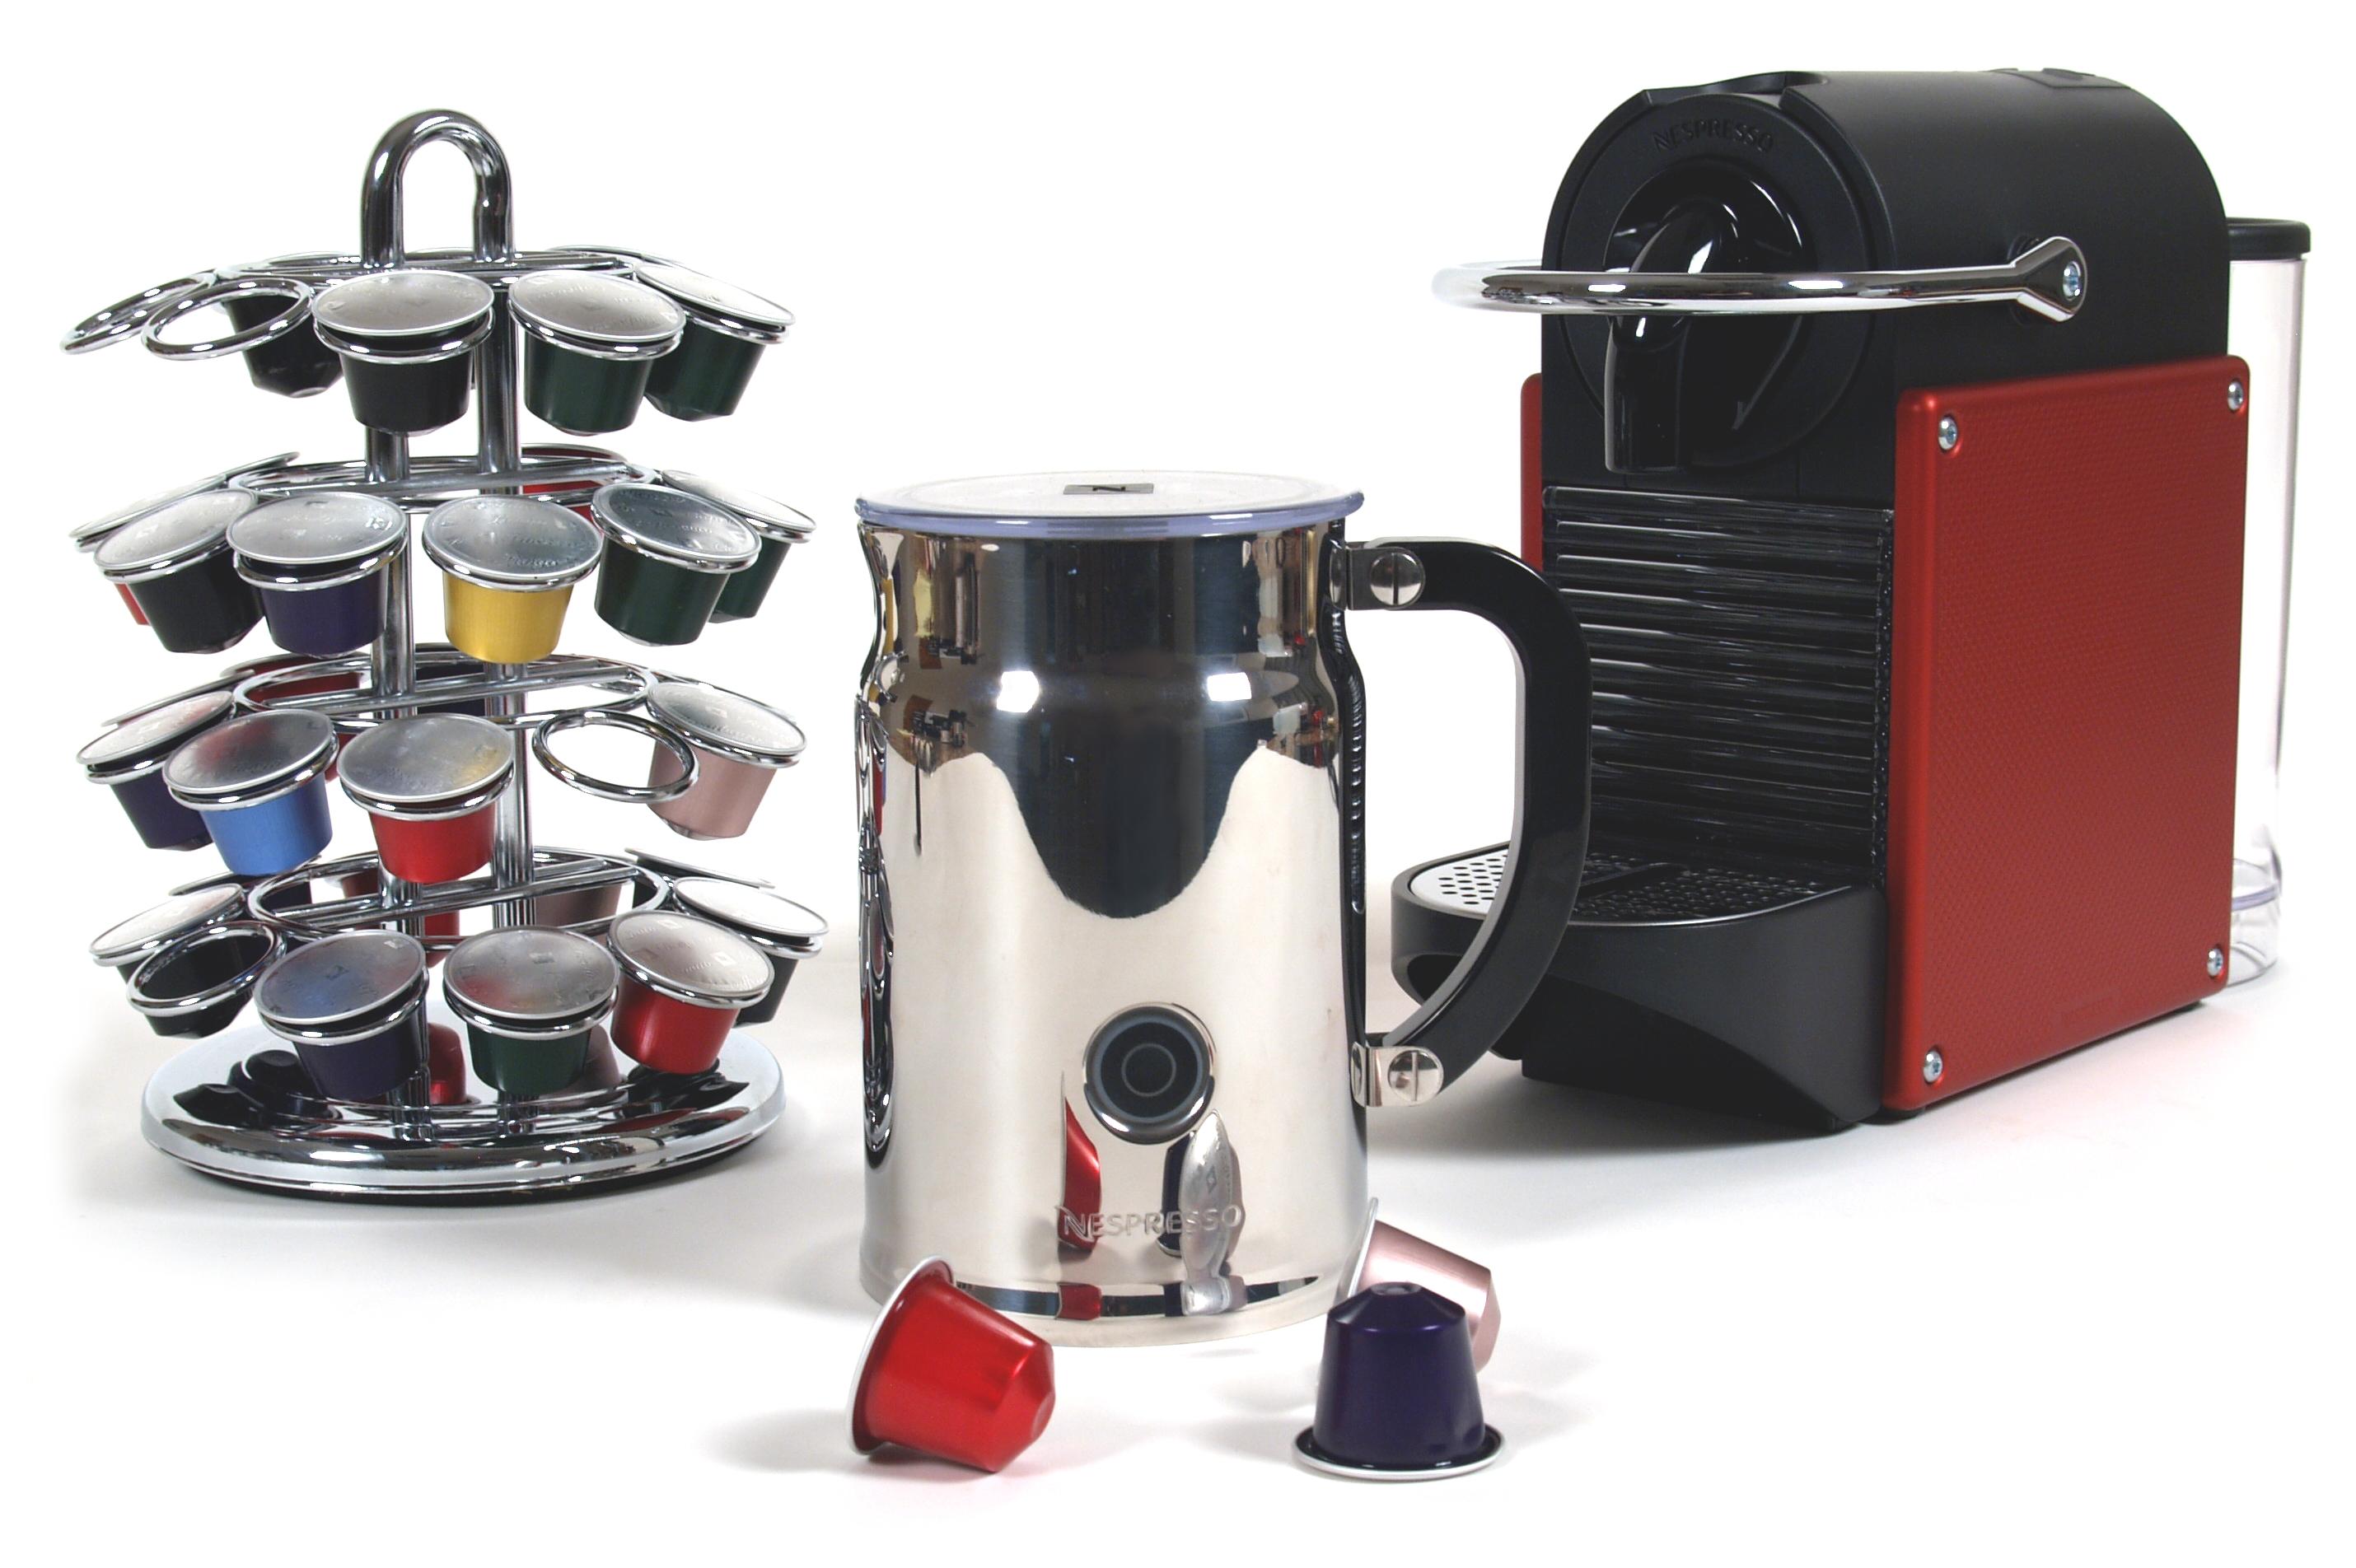 Nespresso Pixie D60 Carmine Espresso Machine With Bonus Aeroccino Plus and Bonus 40 Capsule Carousel